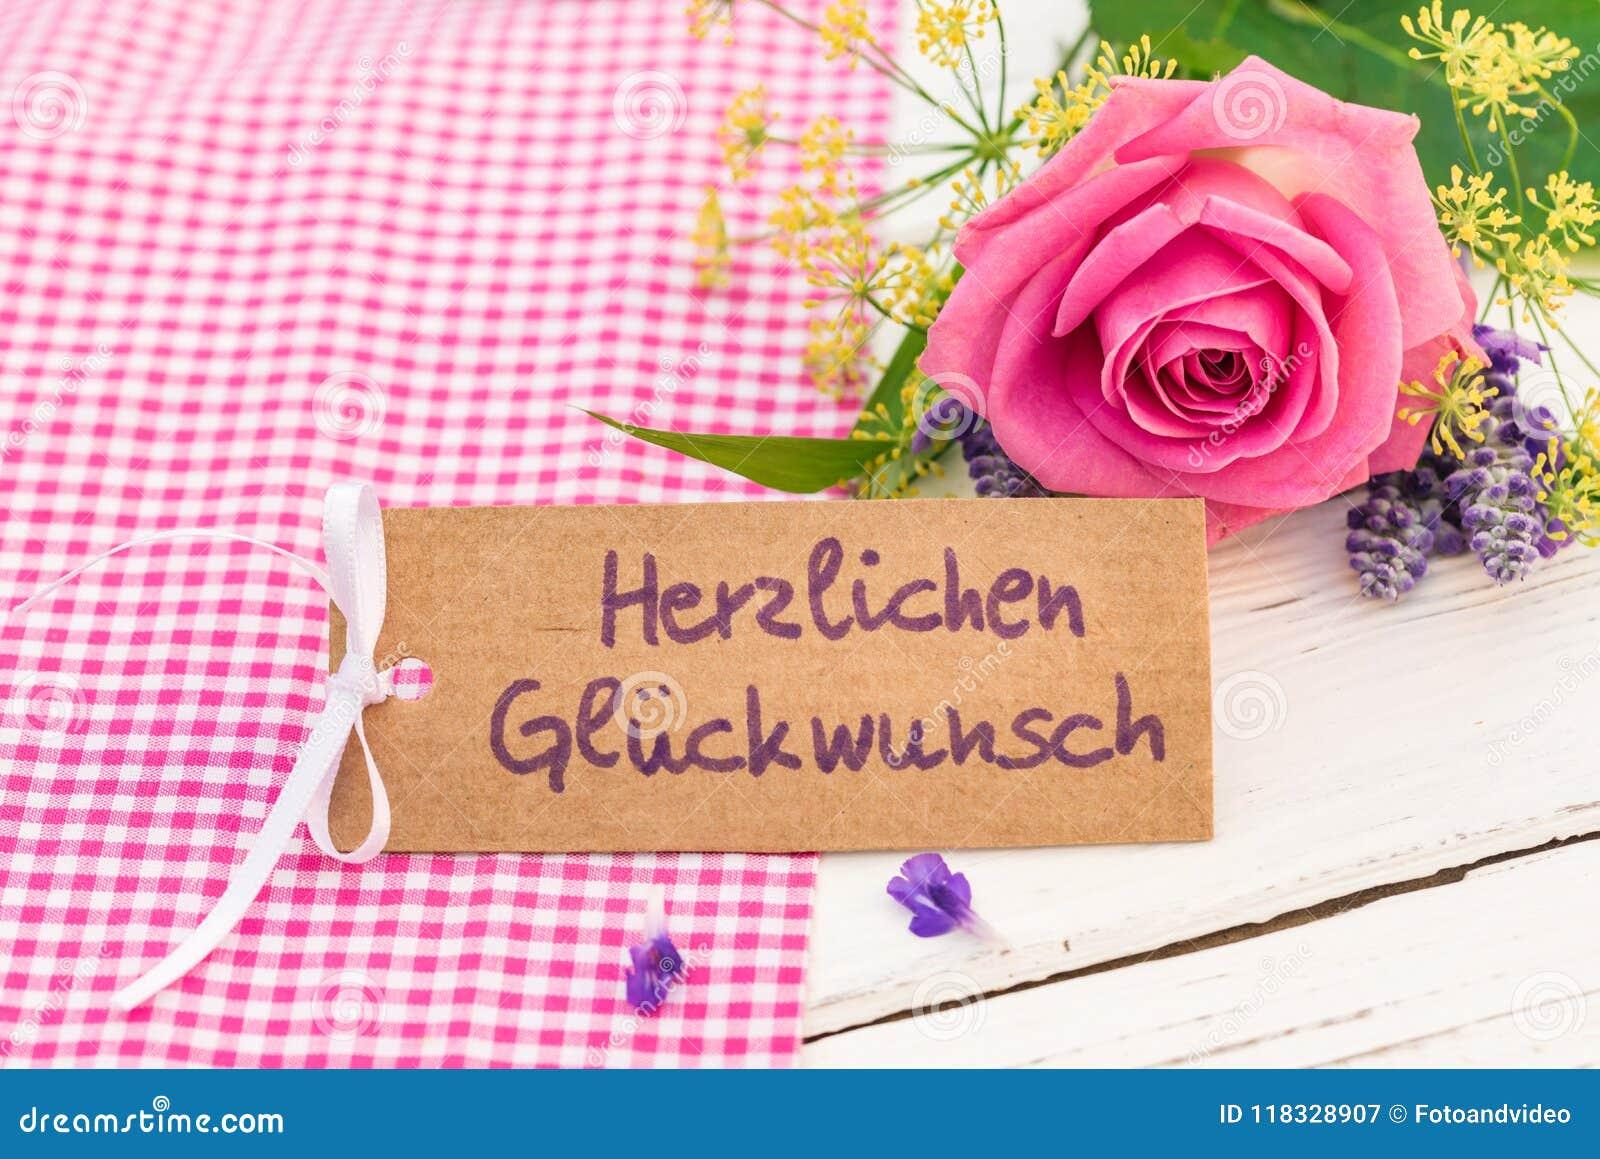 La tarjeta de la enhorabuena con el texto alemán, Herzlichen Glueckwunsch, la enhorabuena de los medios y la rosa del rosa florec